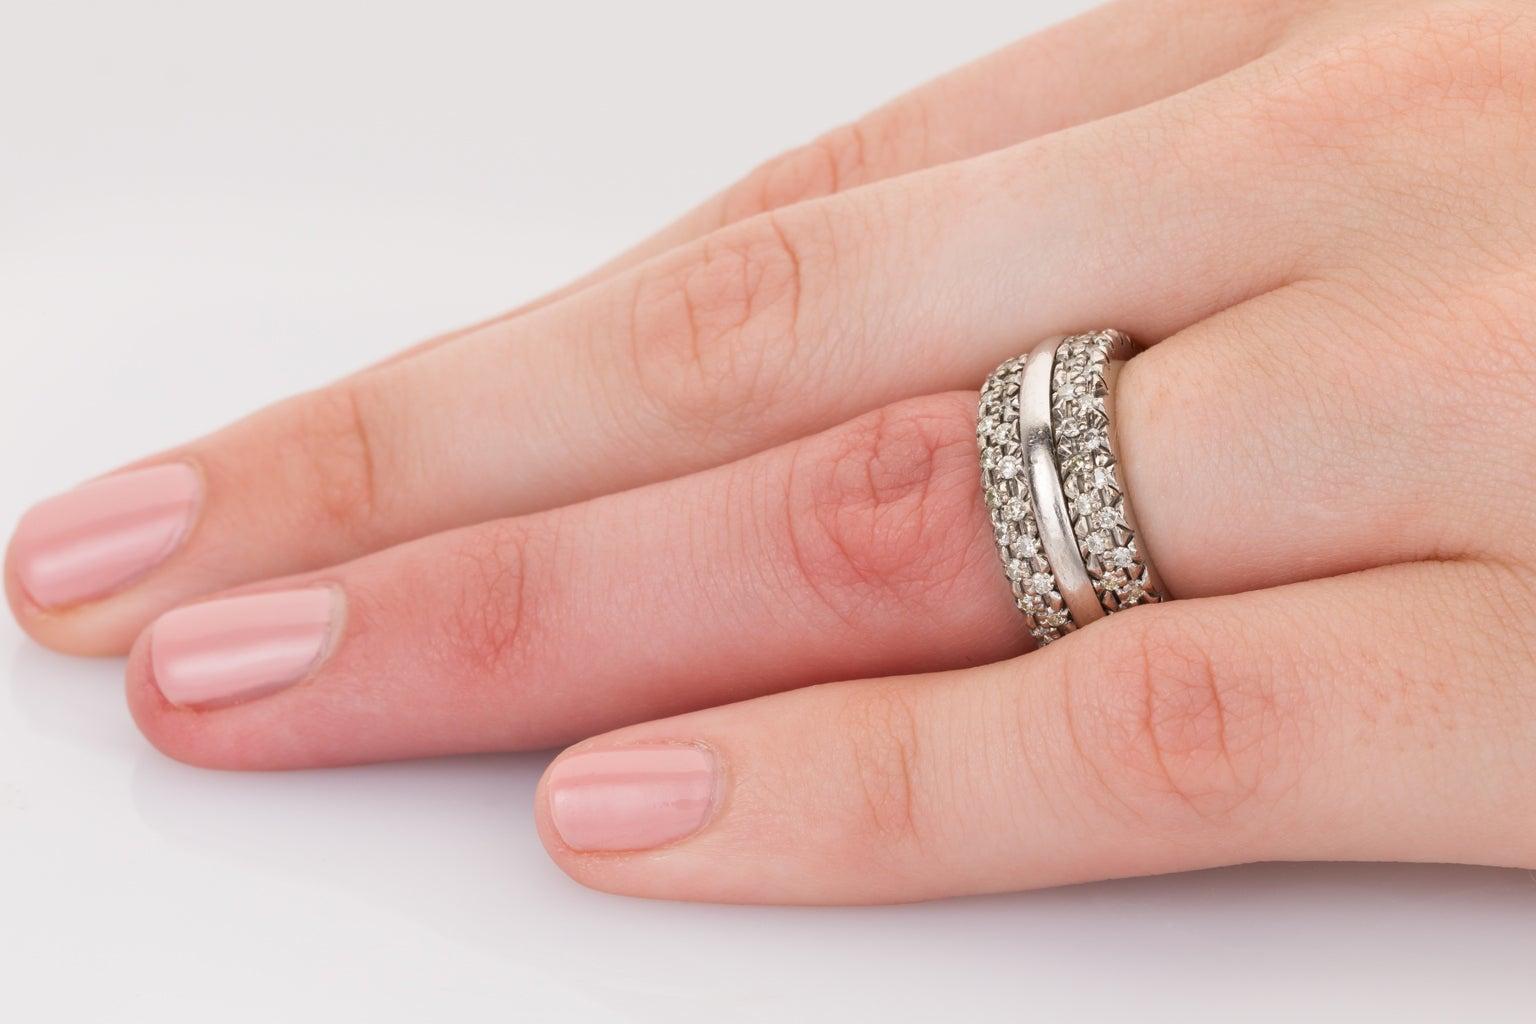 18 Carat White Gold Pave Set Diamond Band Ring at 1stdibs